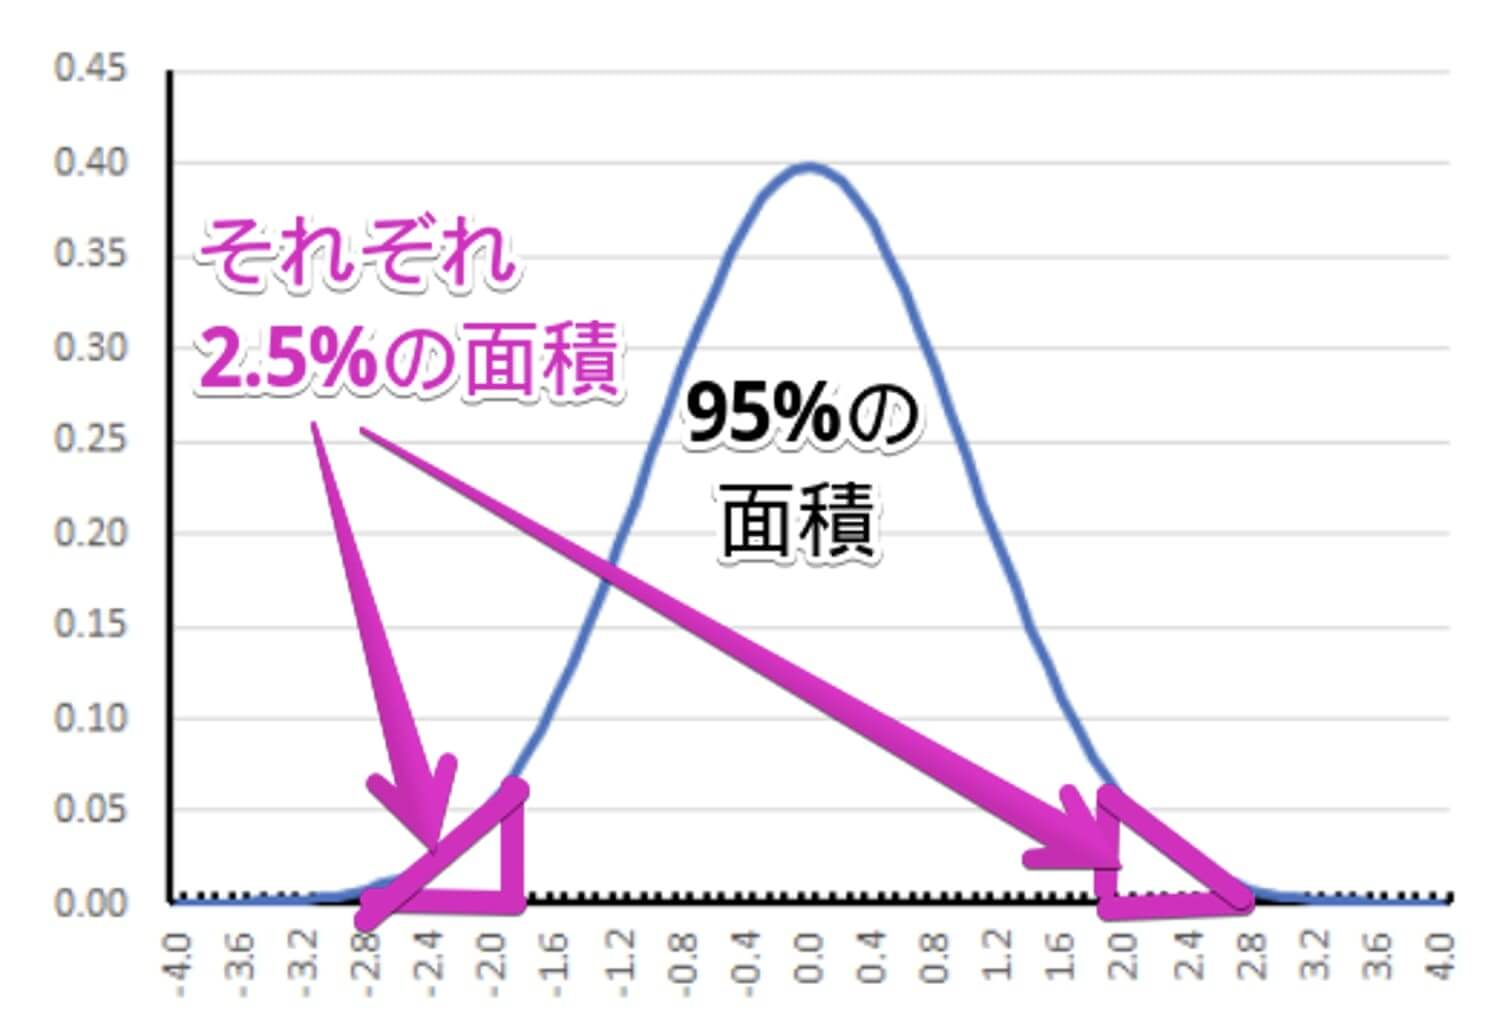 近似的に平均を0、標準偏差を1とする標準正規分布